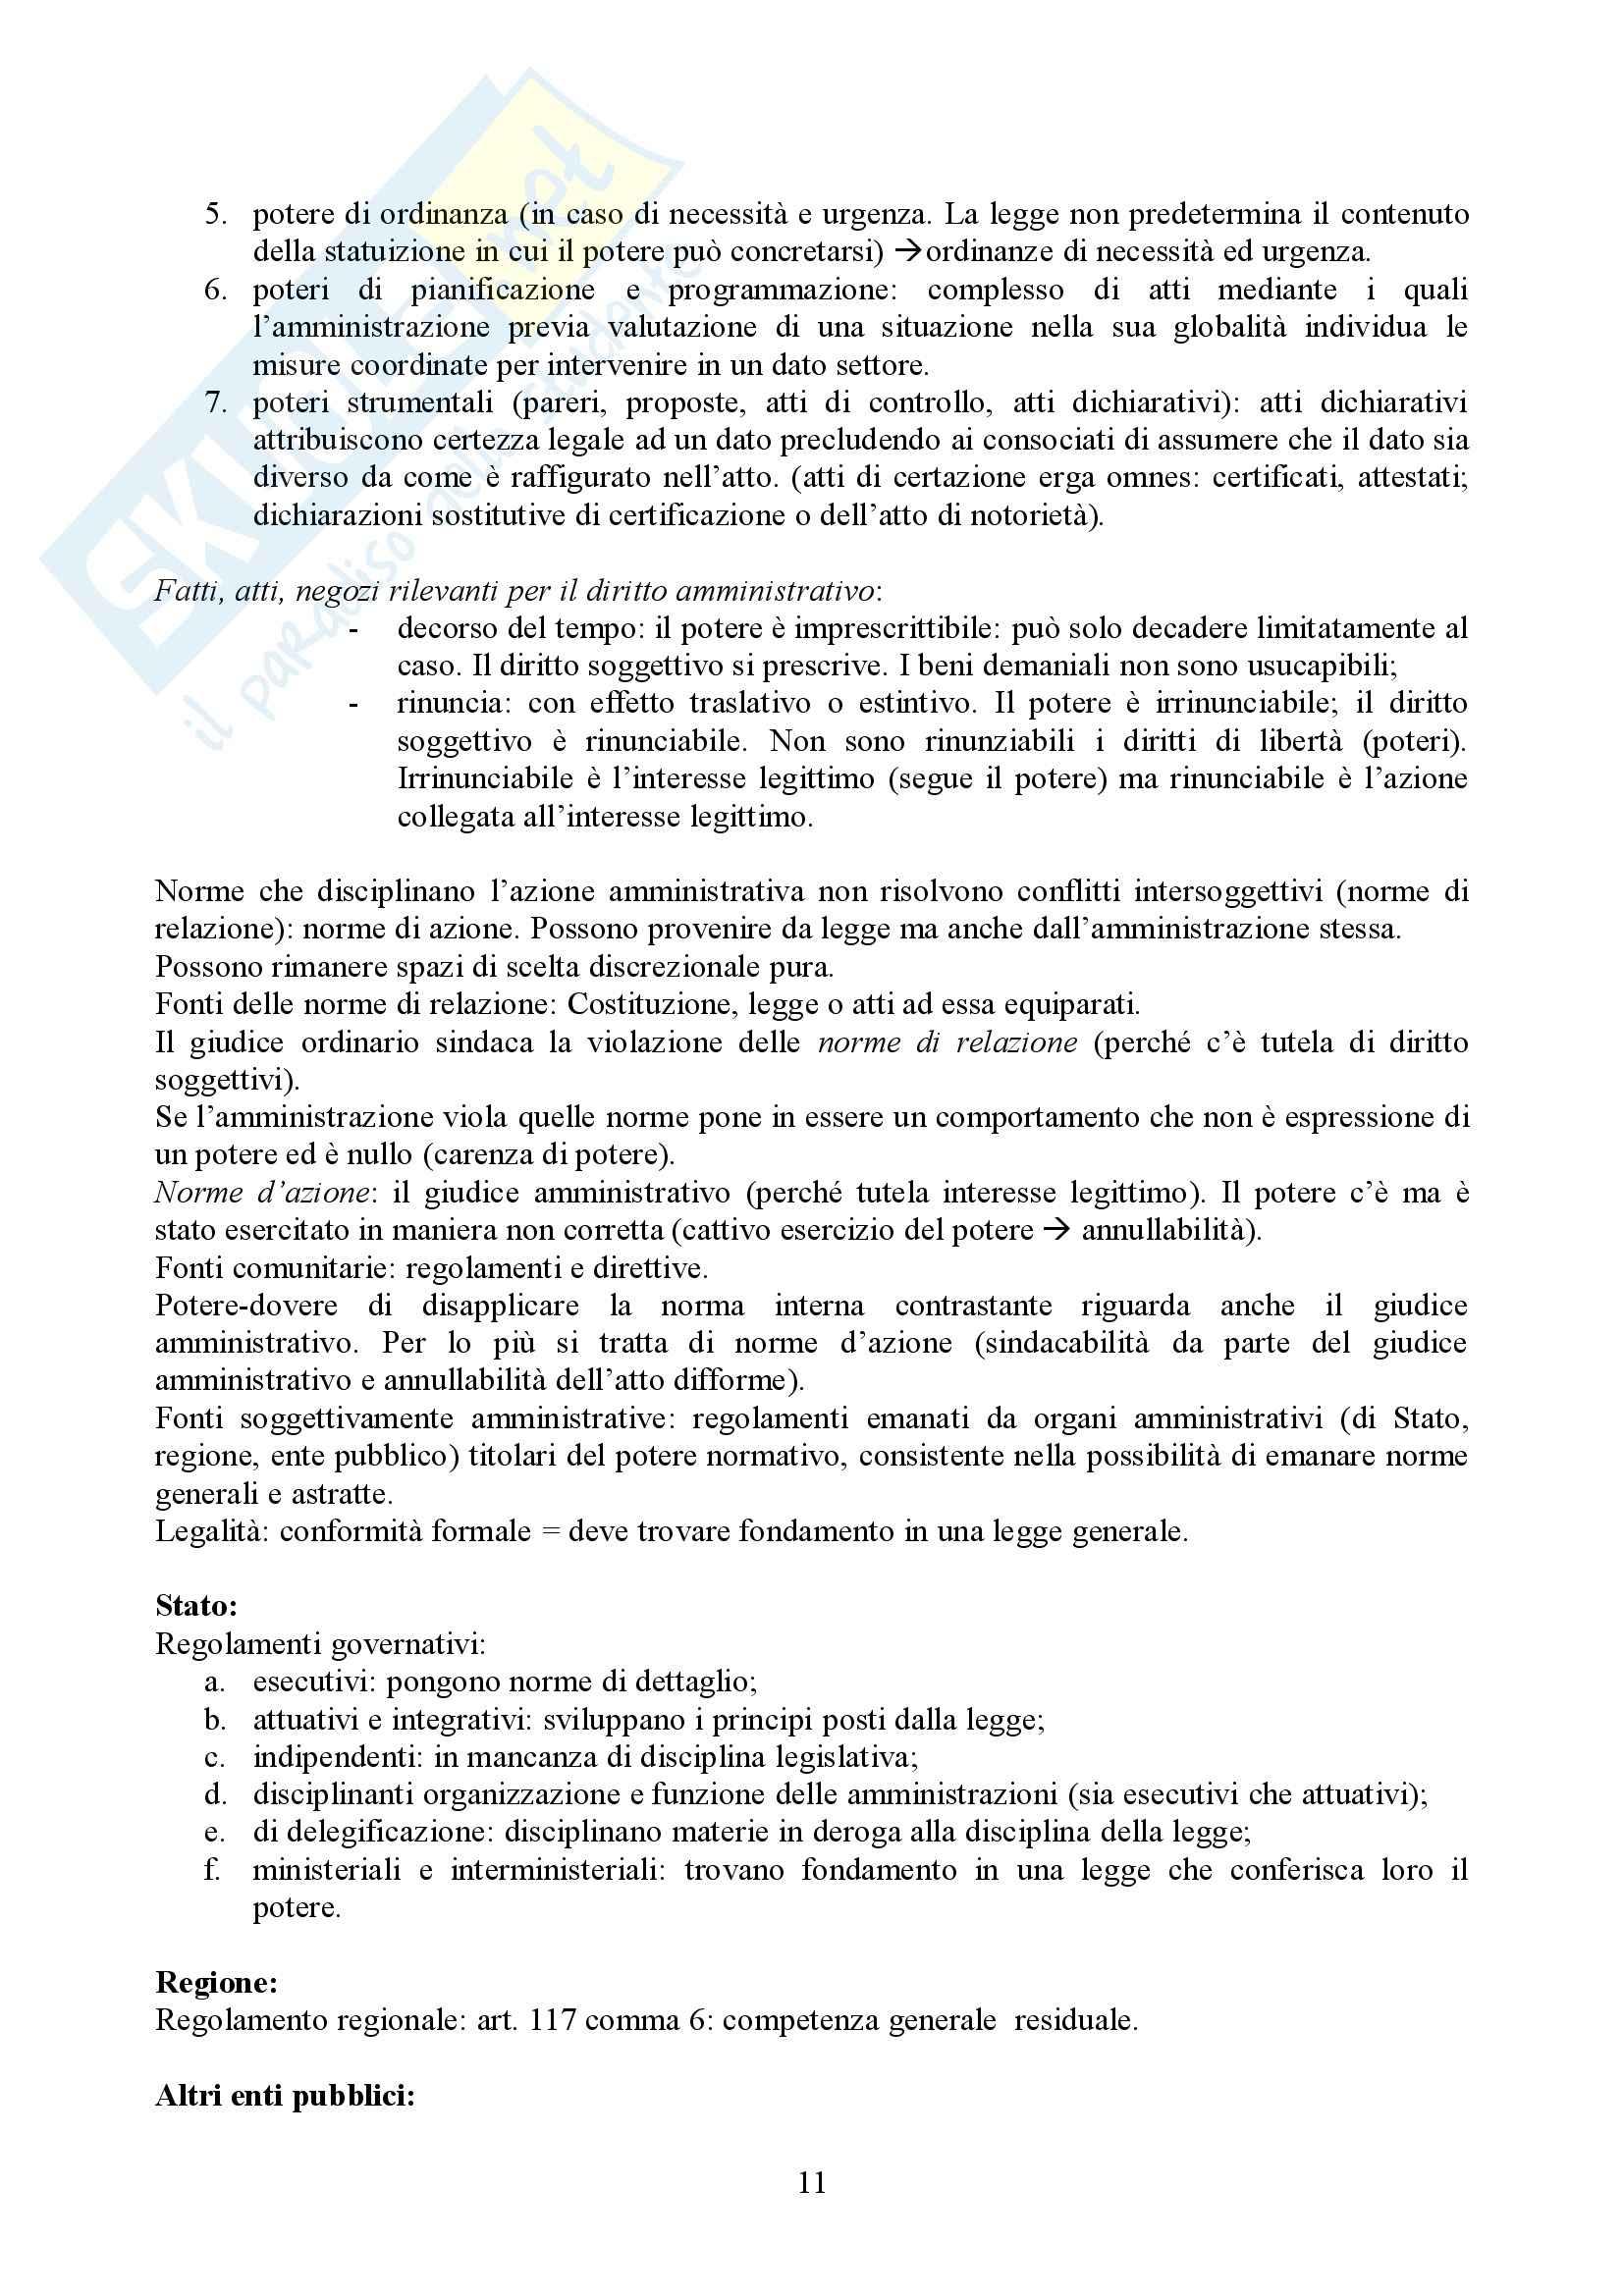 Manuale di diritto amministrativo, Casetta - Schemi Pag. 11